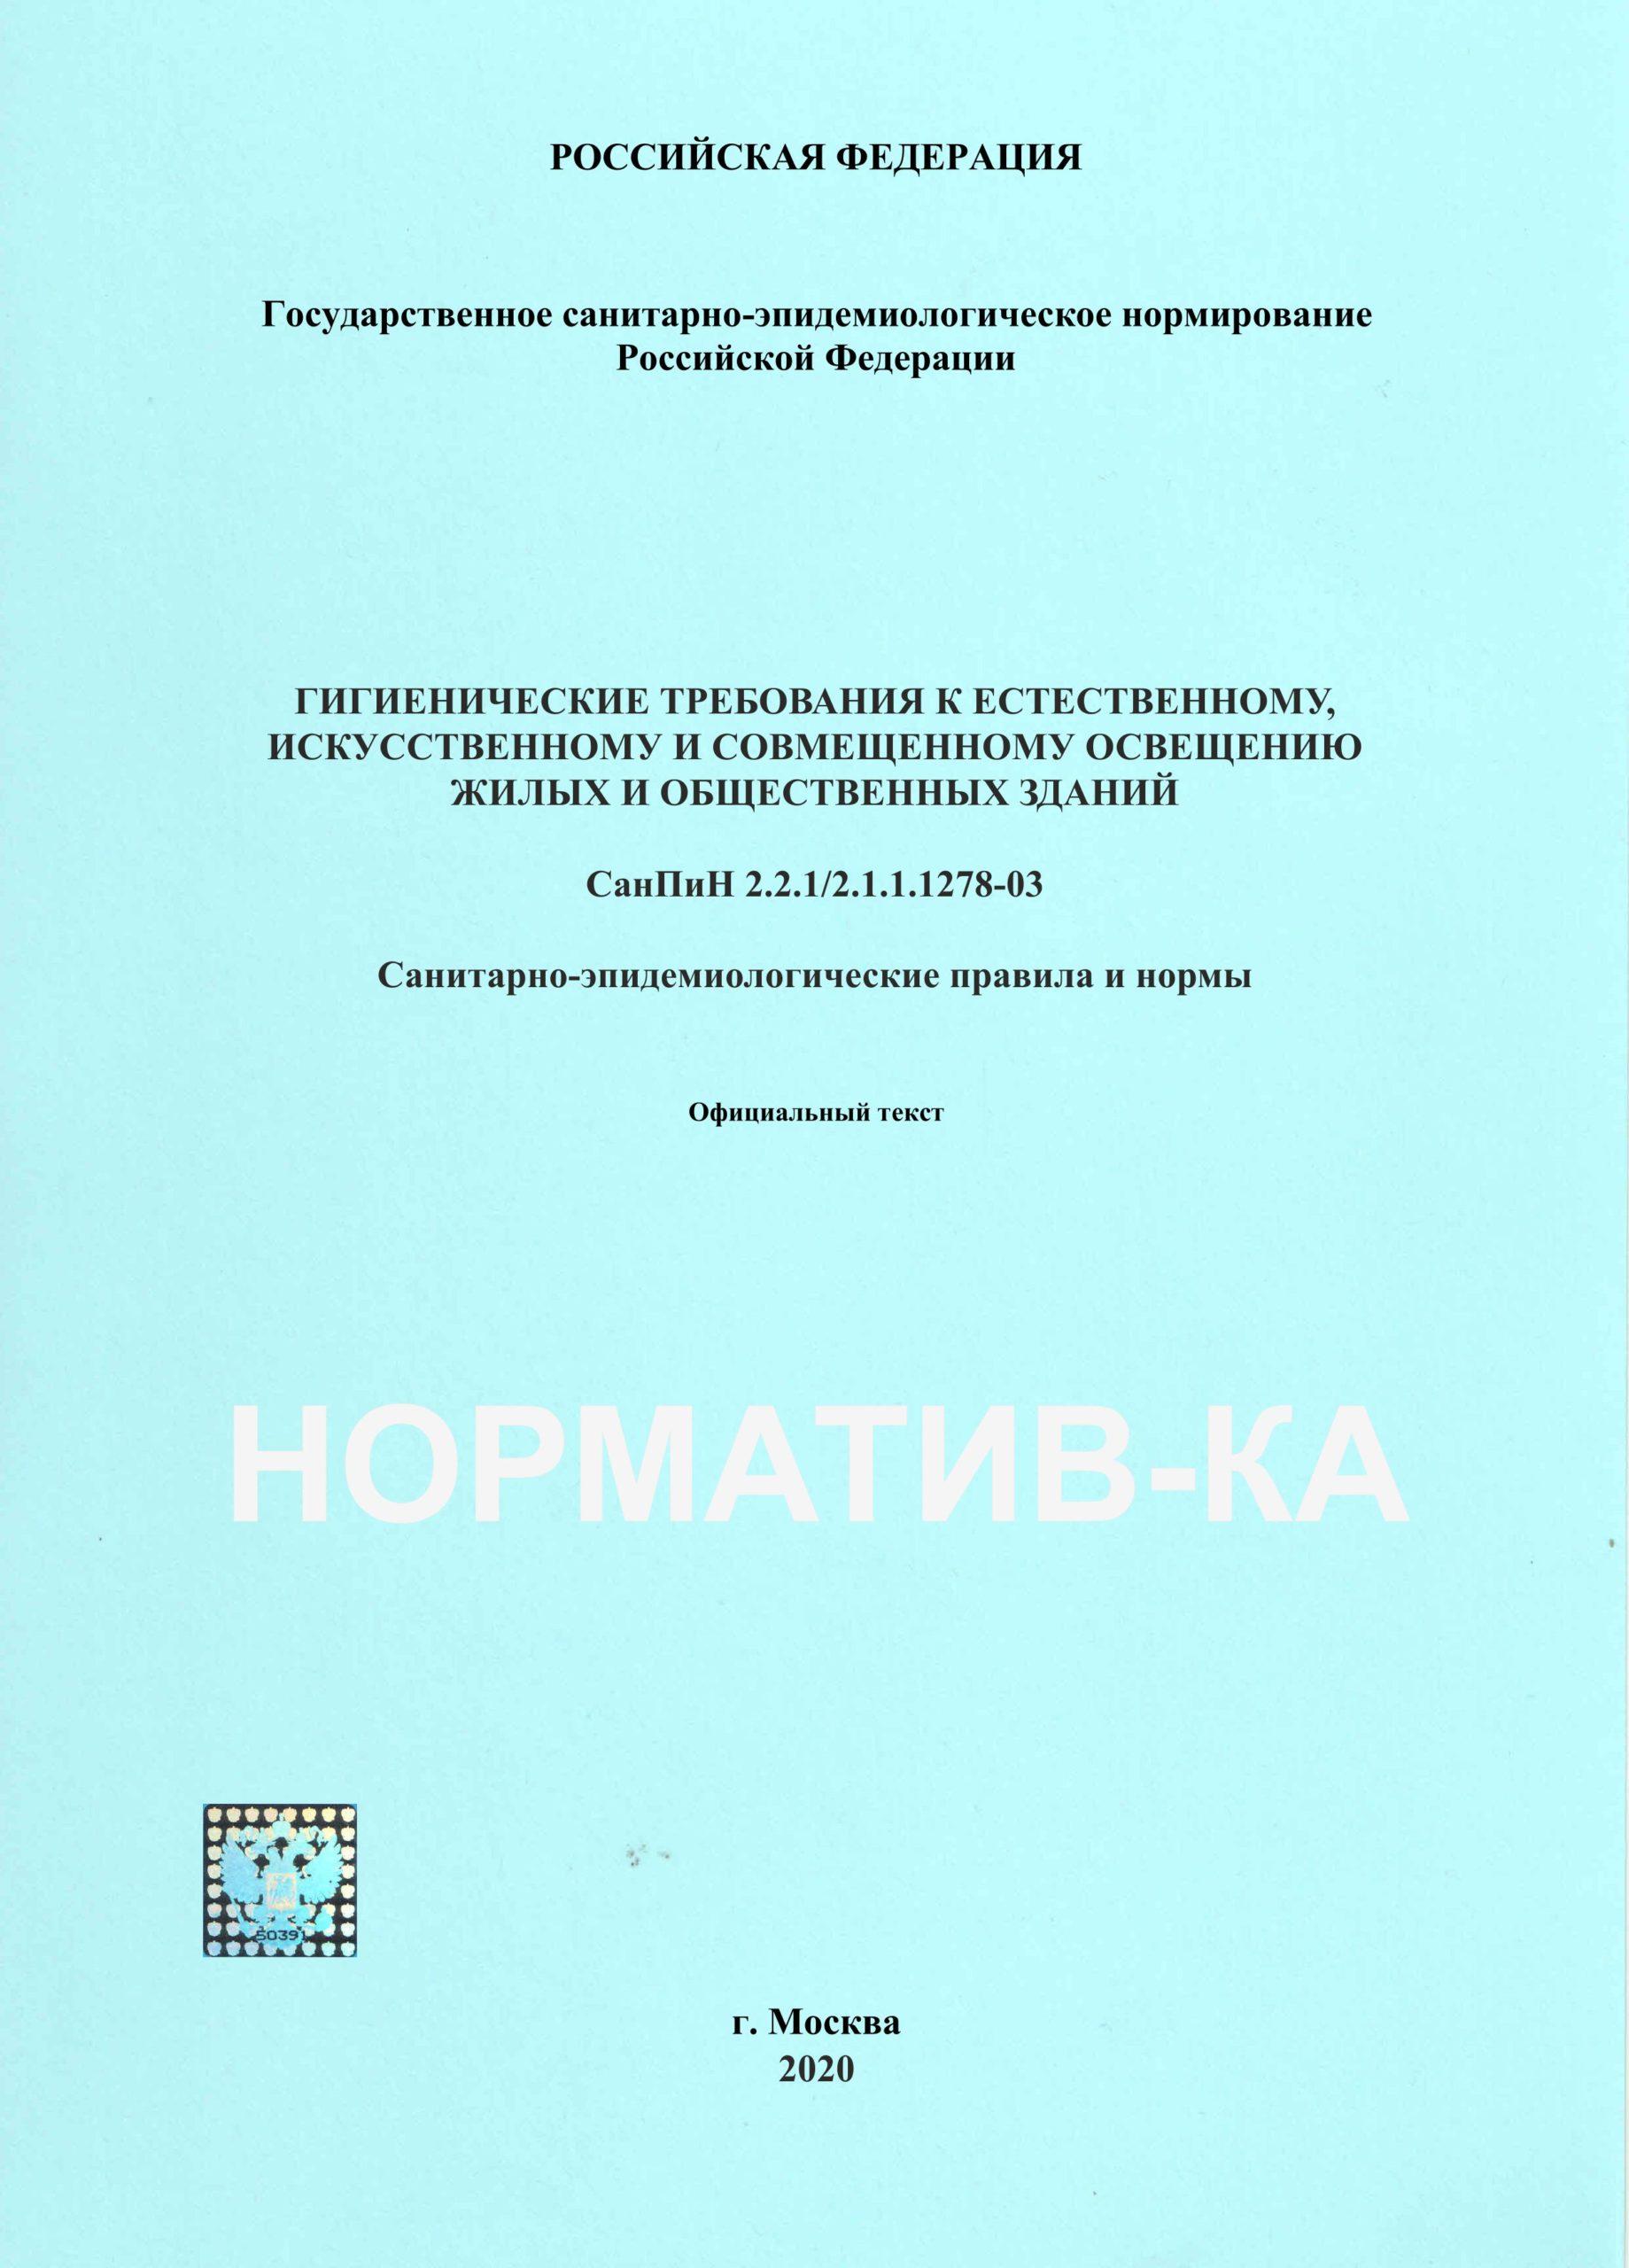 СанПиН 2.2.1/2.1.1.1278-03